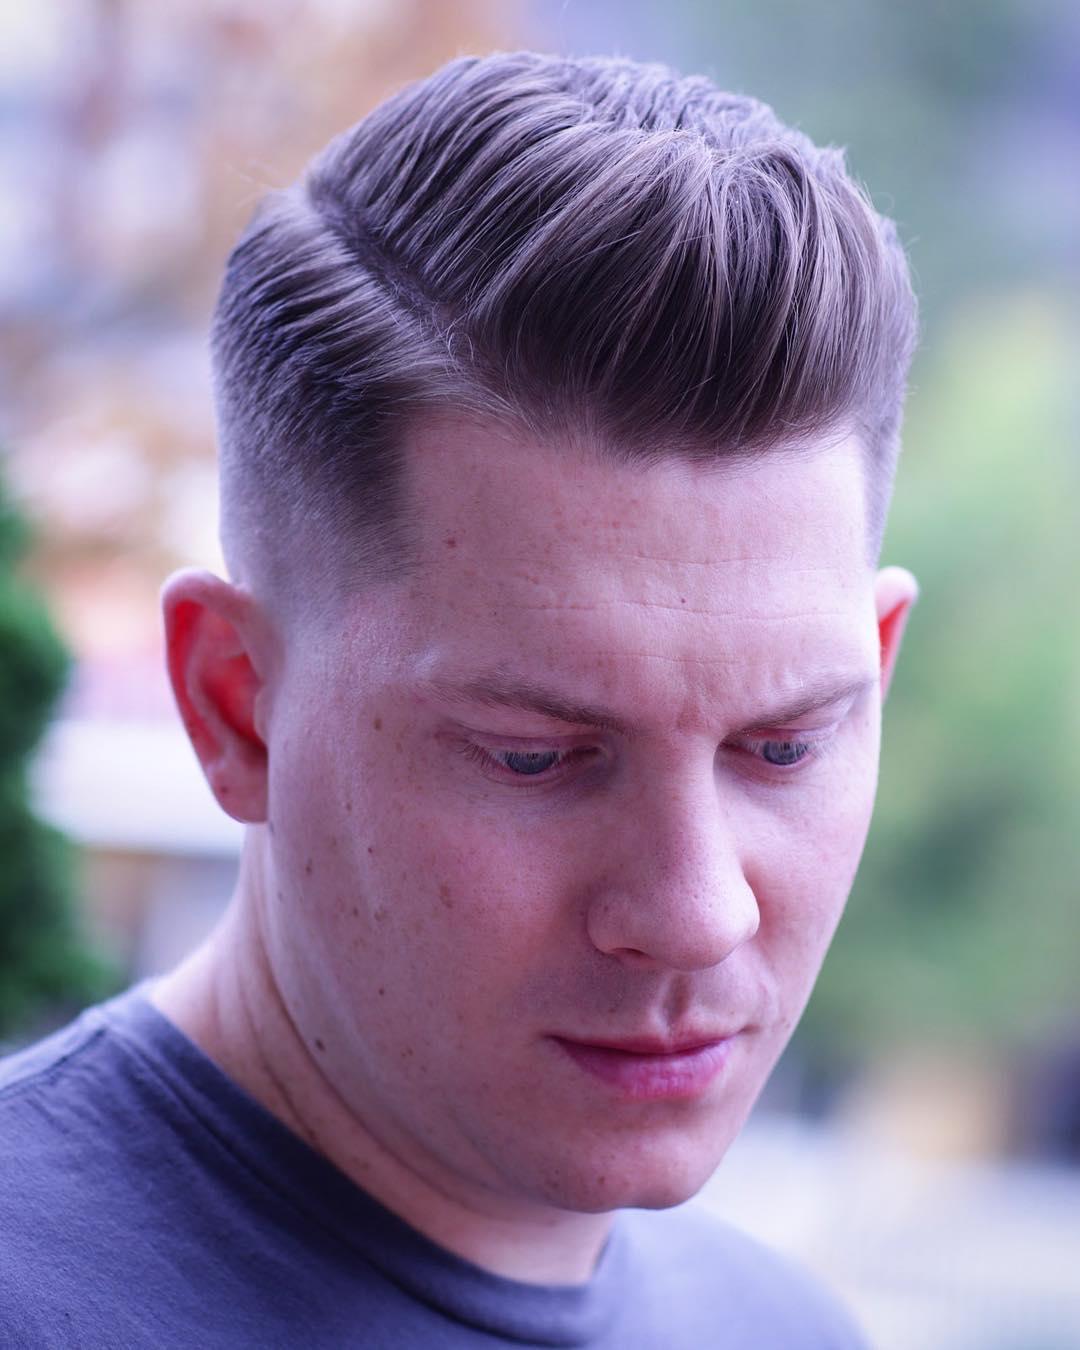 Ivy league haircut side part